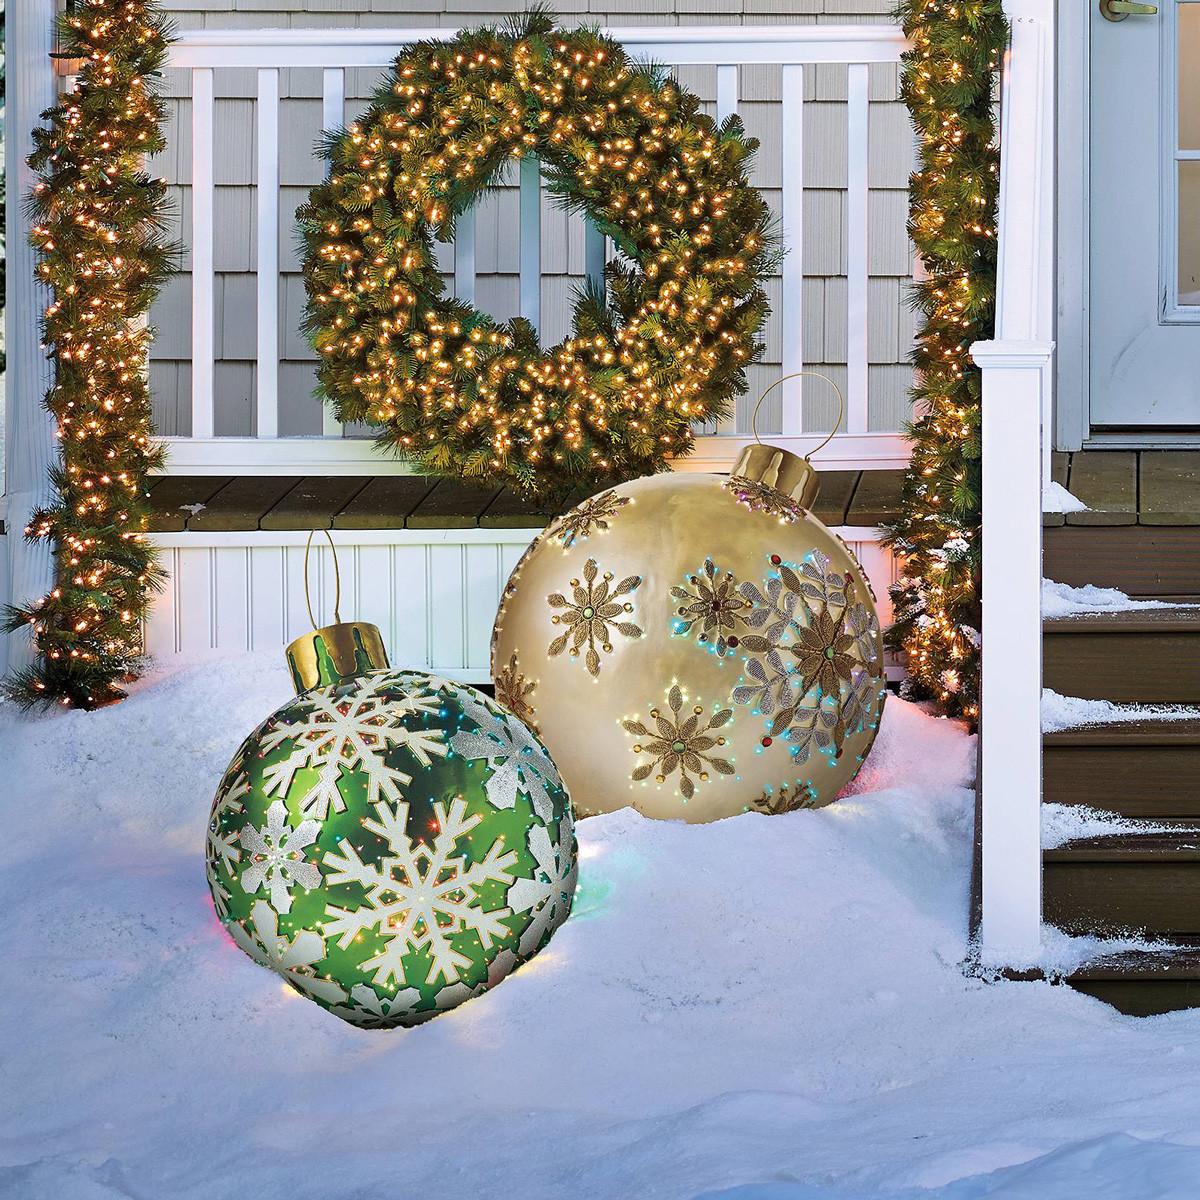 Outdoor Christmas Ornaments  Massive Fiber Optic LED Outdoor Christmas Ornaments The